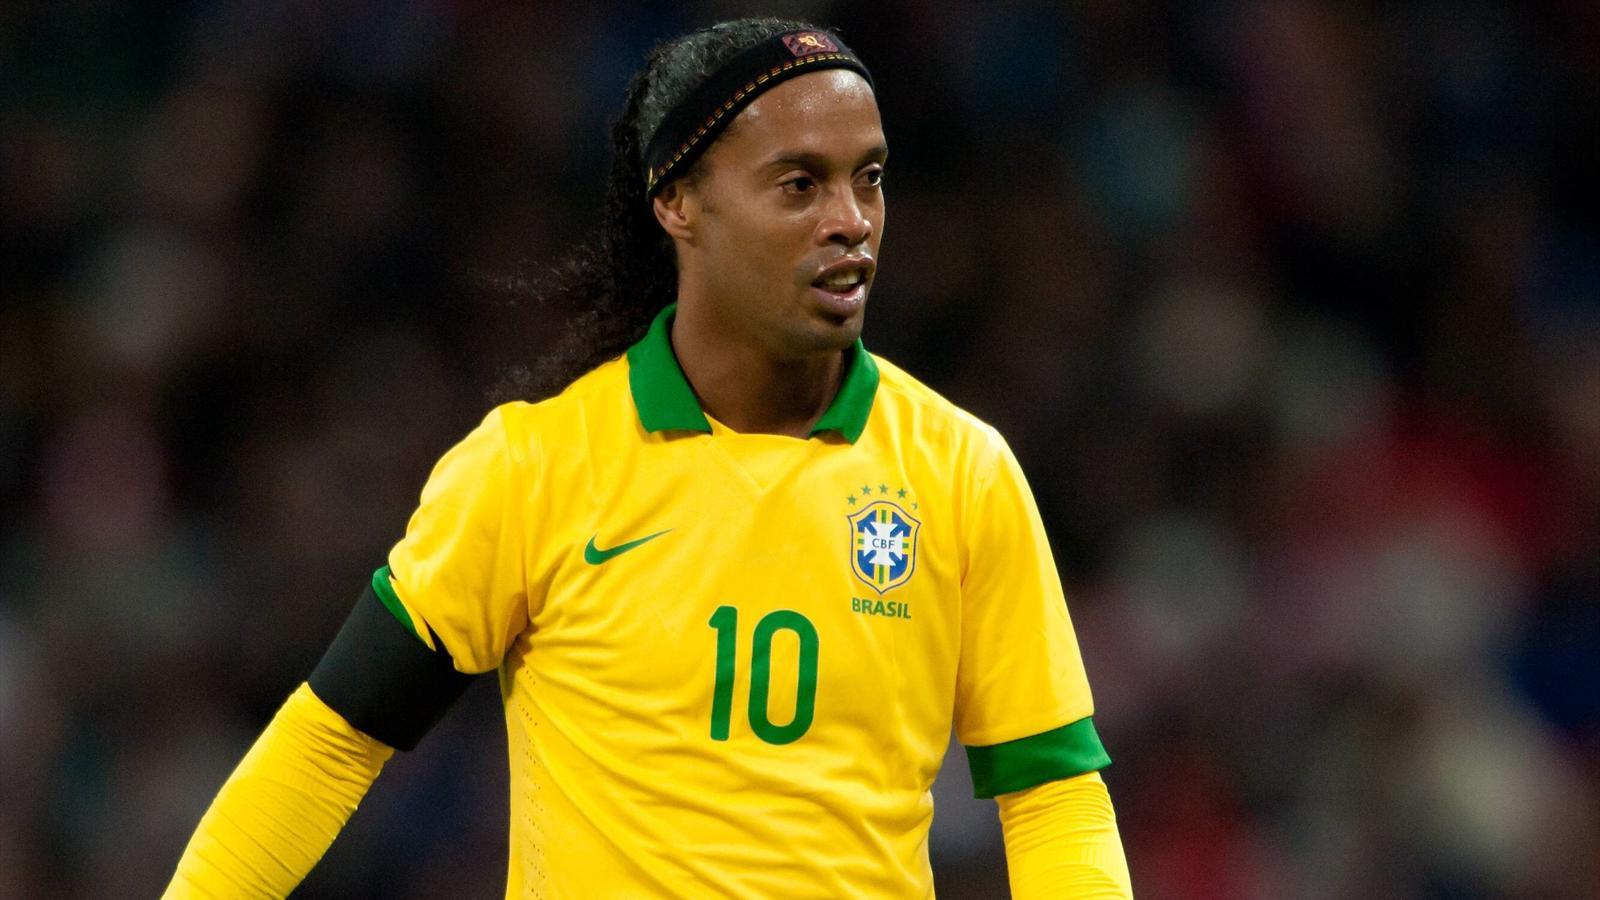 Calciomercato: Ronaldinho svincolato di lusso, offerta dai dilettanti